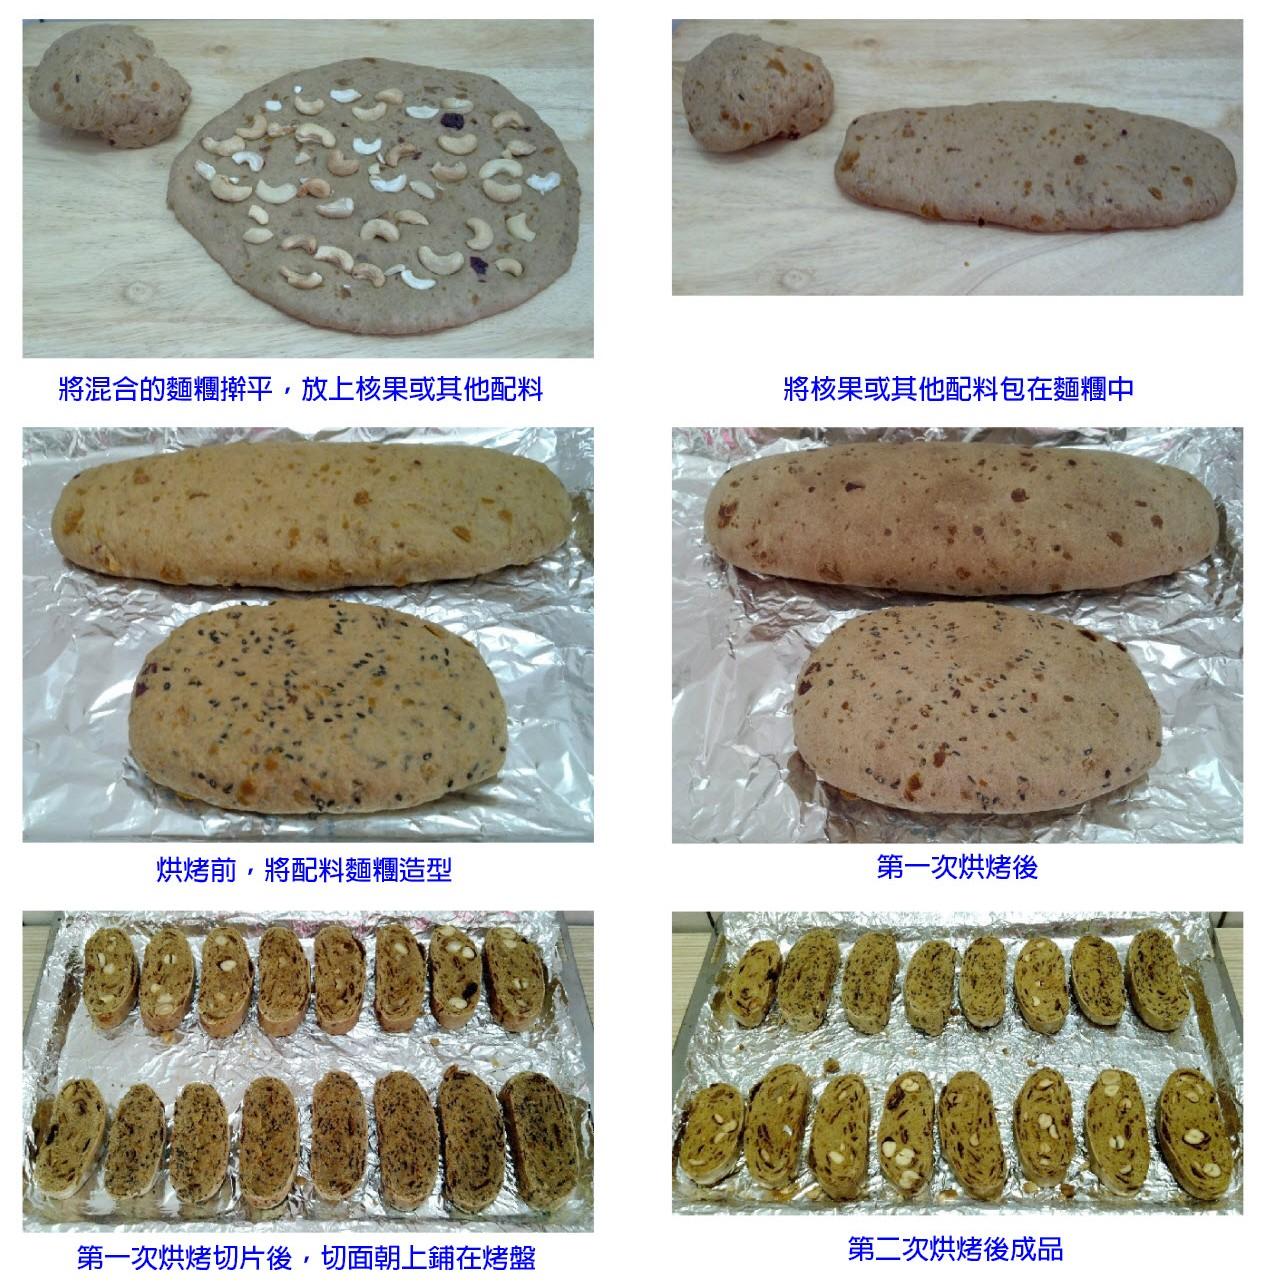 全麥無油無蛋黑糖腰果/黑芝麻義式脆餅Biscotti作法